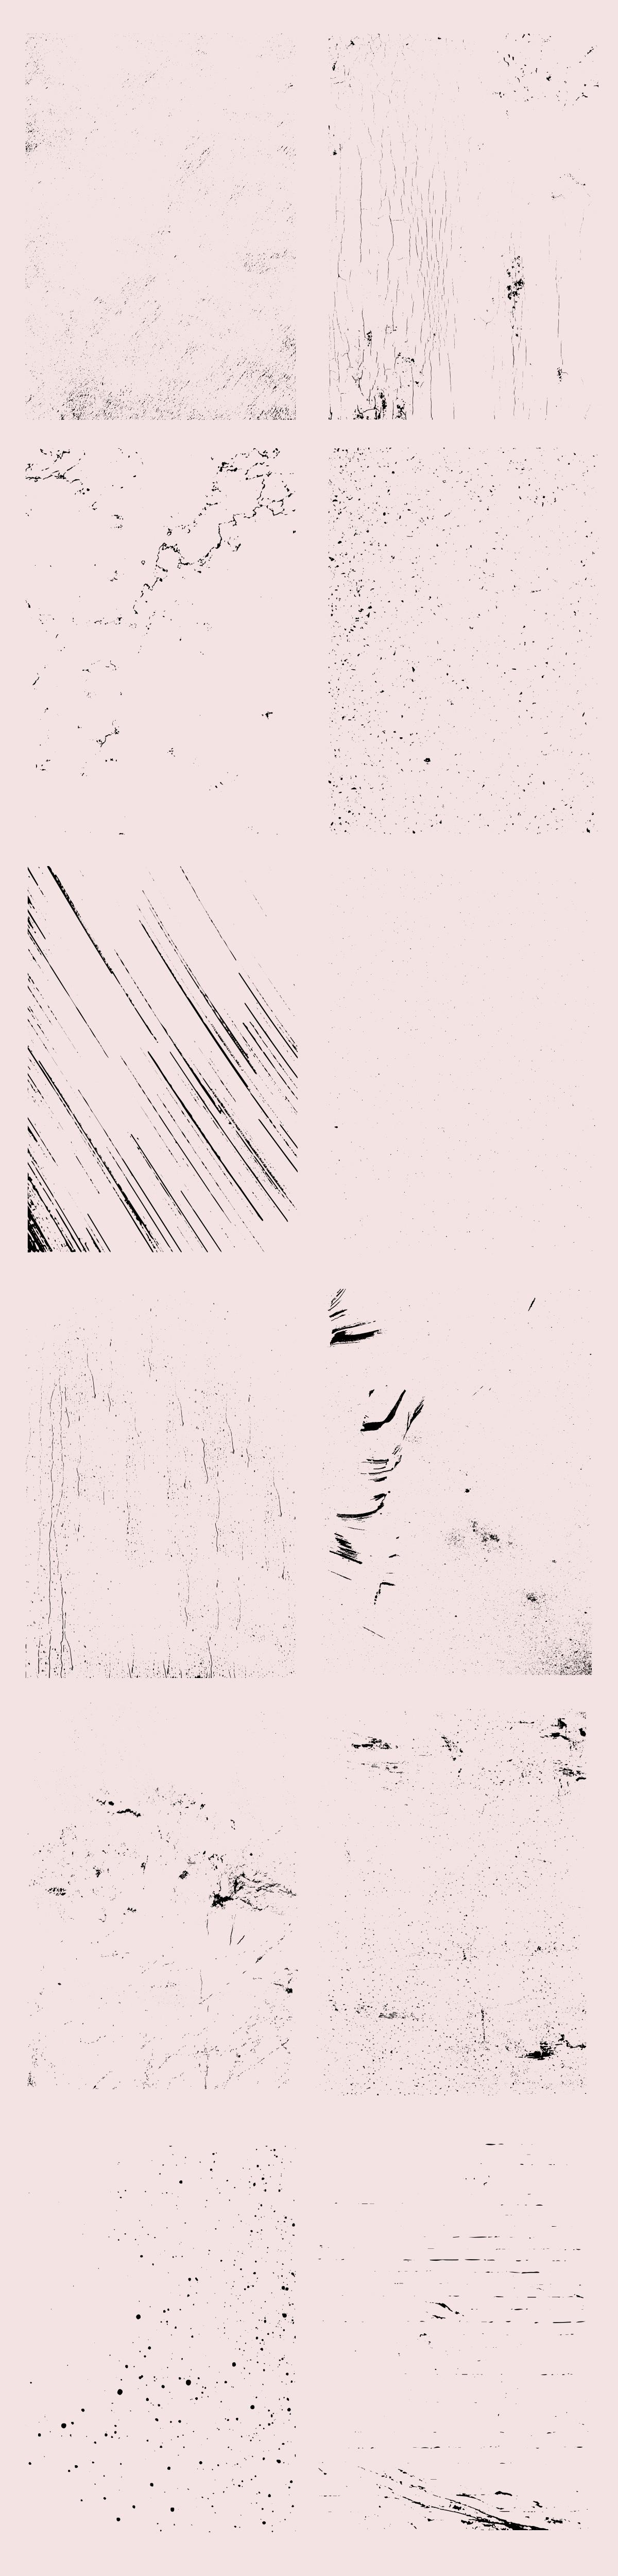 Subtle Vector Grunge Textures